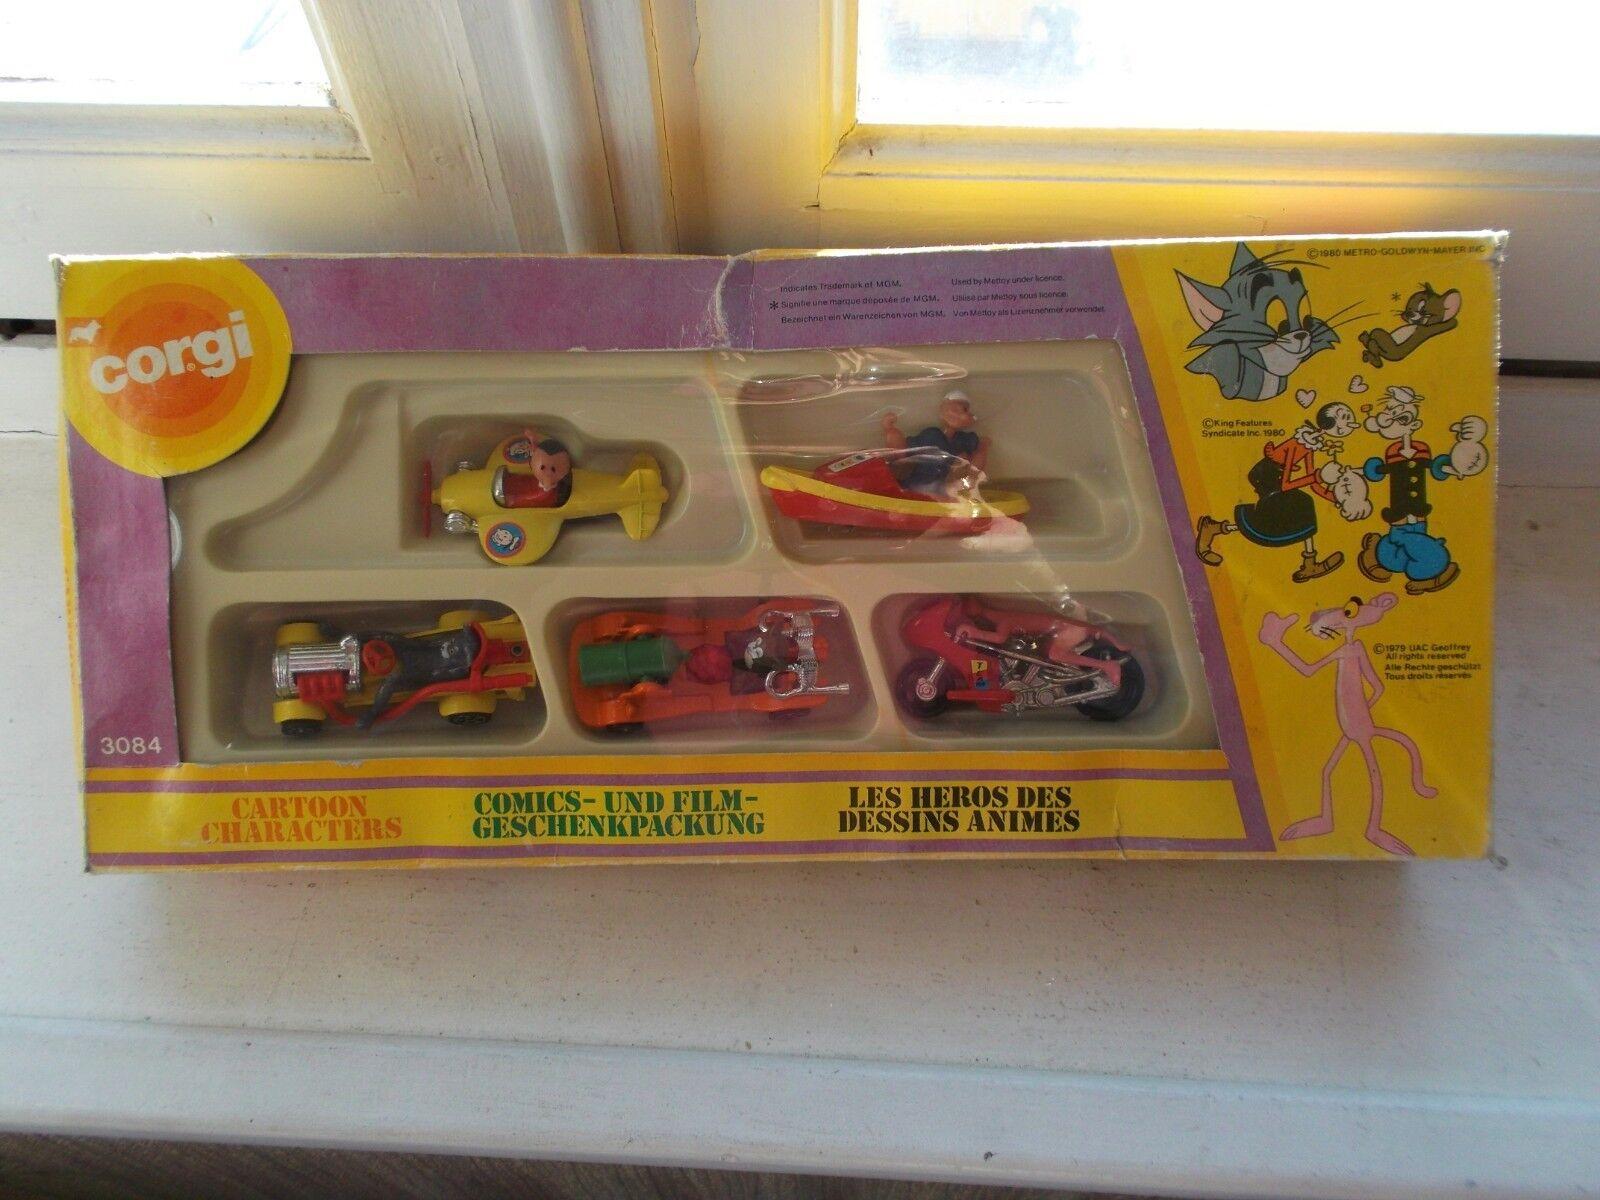 para mayoristas Corgi  junior Comics Gift Gift Gift Set référence 3084  A la venta con descuento del 70%.